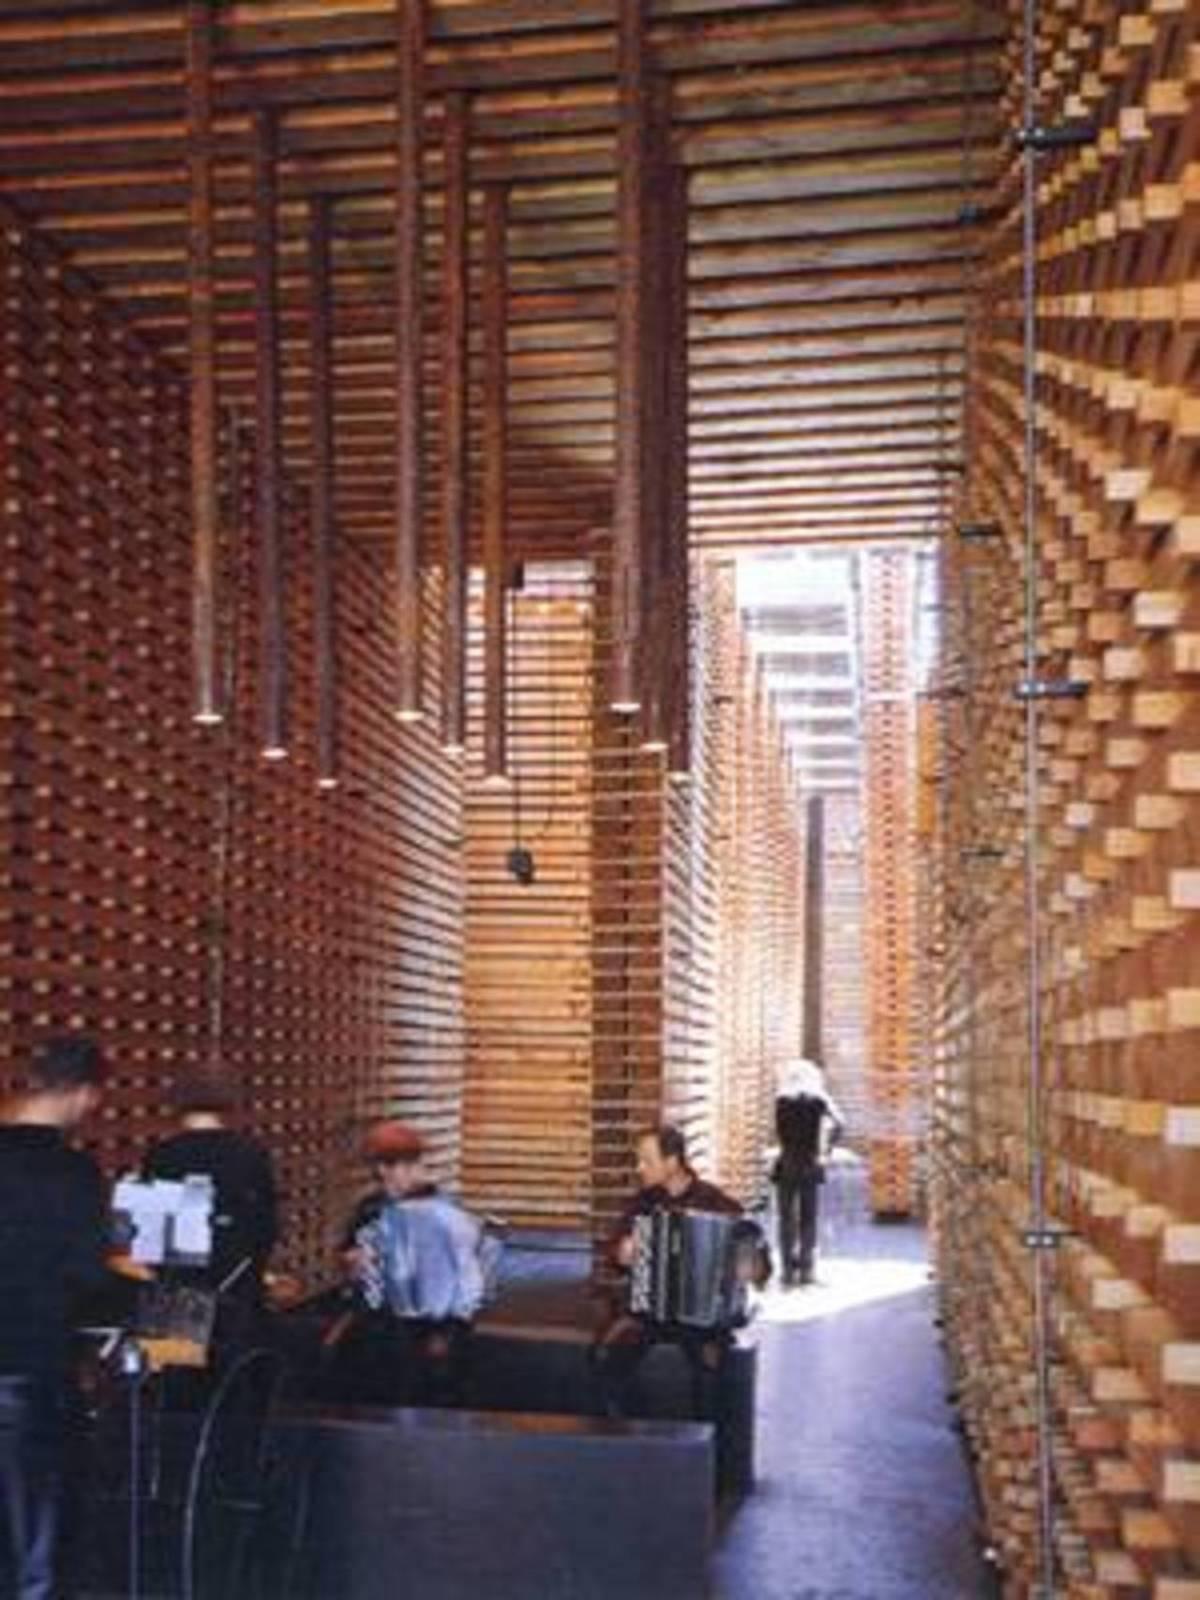 P. Zumthor Pavillon Suisse à l'Expo 2000 de Hanovre